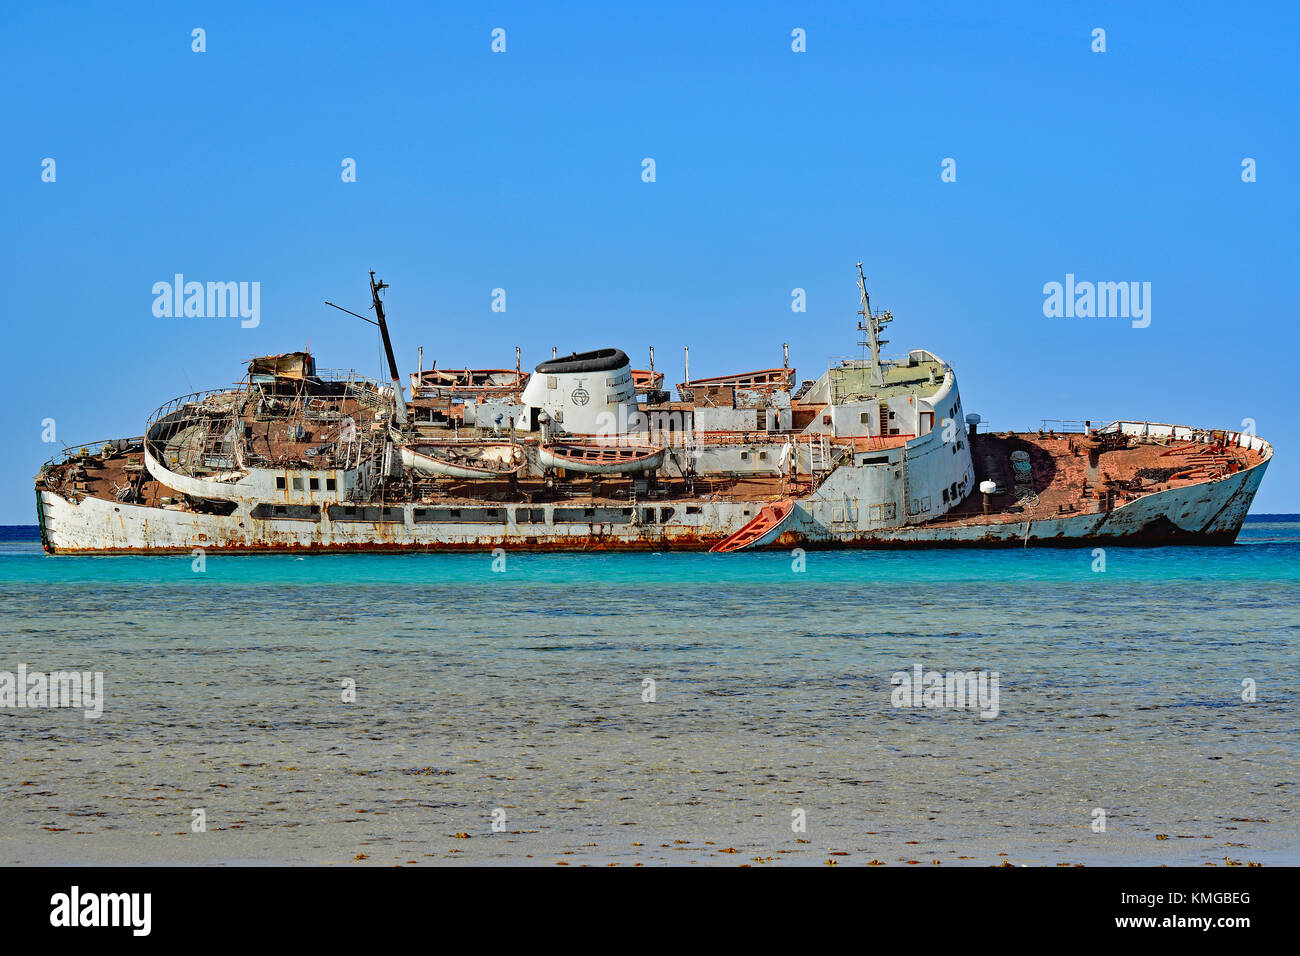 La rouille sur les naufrages en eaux peu profondes, près de Al Qattan beach, au sud de la ville de Jeddah, Photo Stock